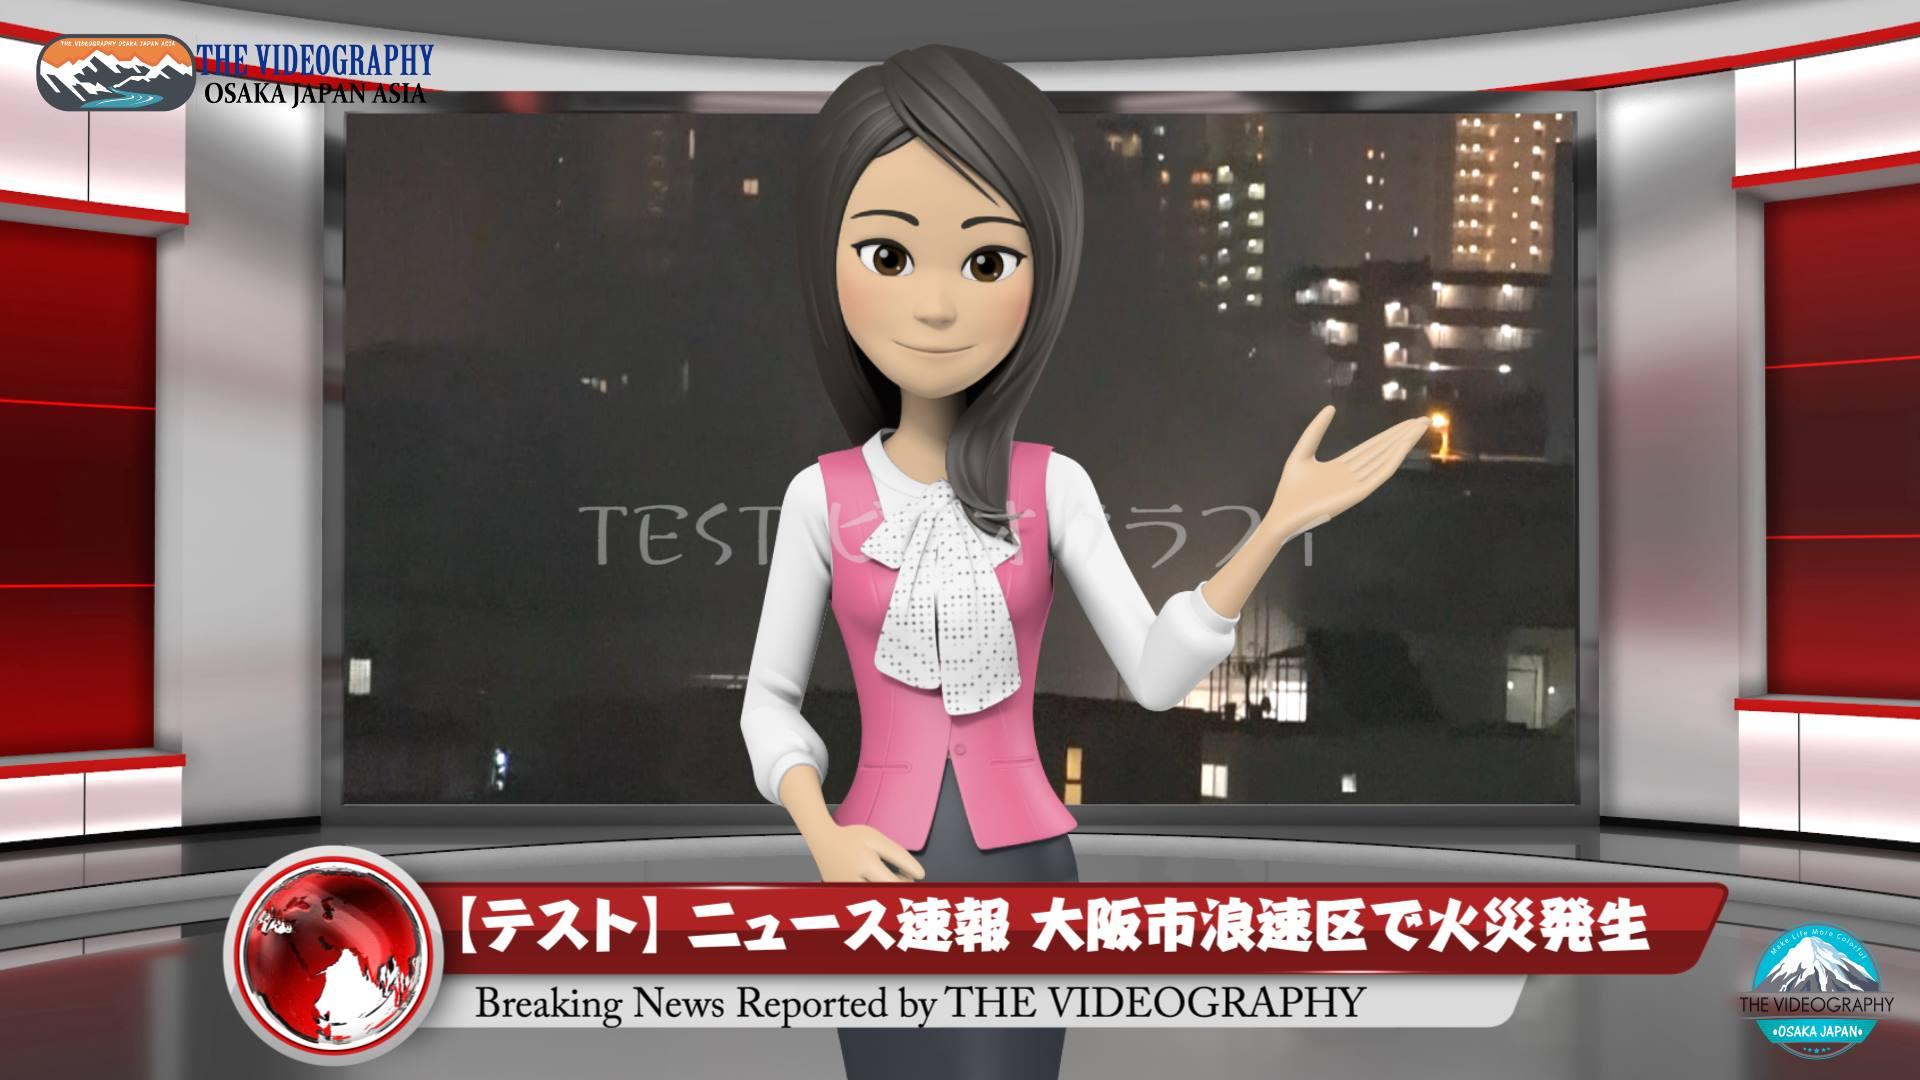 「カメラを捨てよ クラウドに飛び込もう」 映像制作@報道 ニュース・新聞社 テレビ局